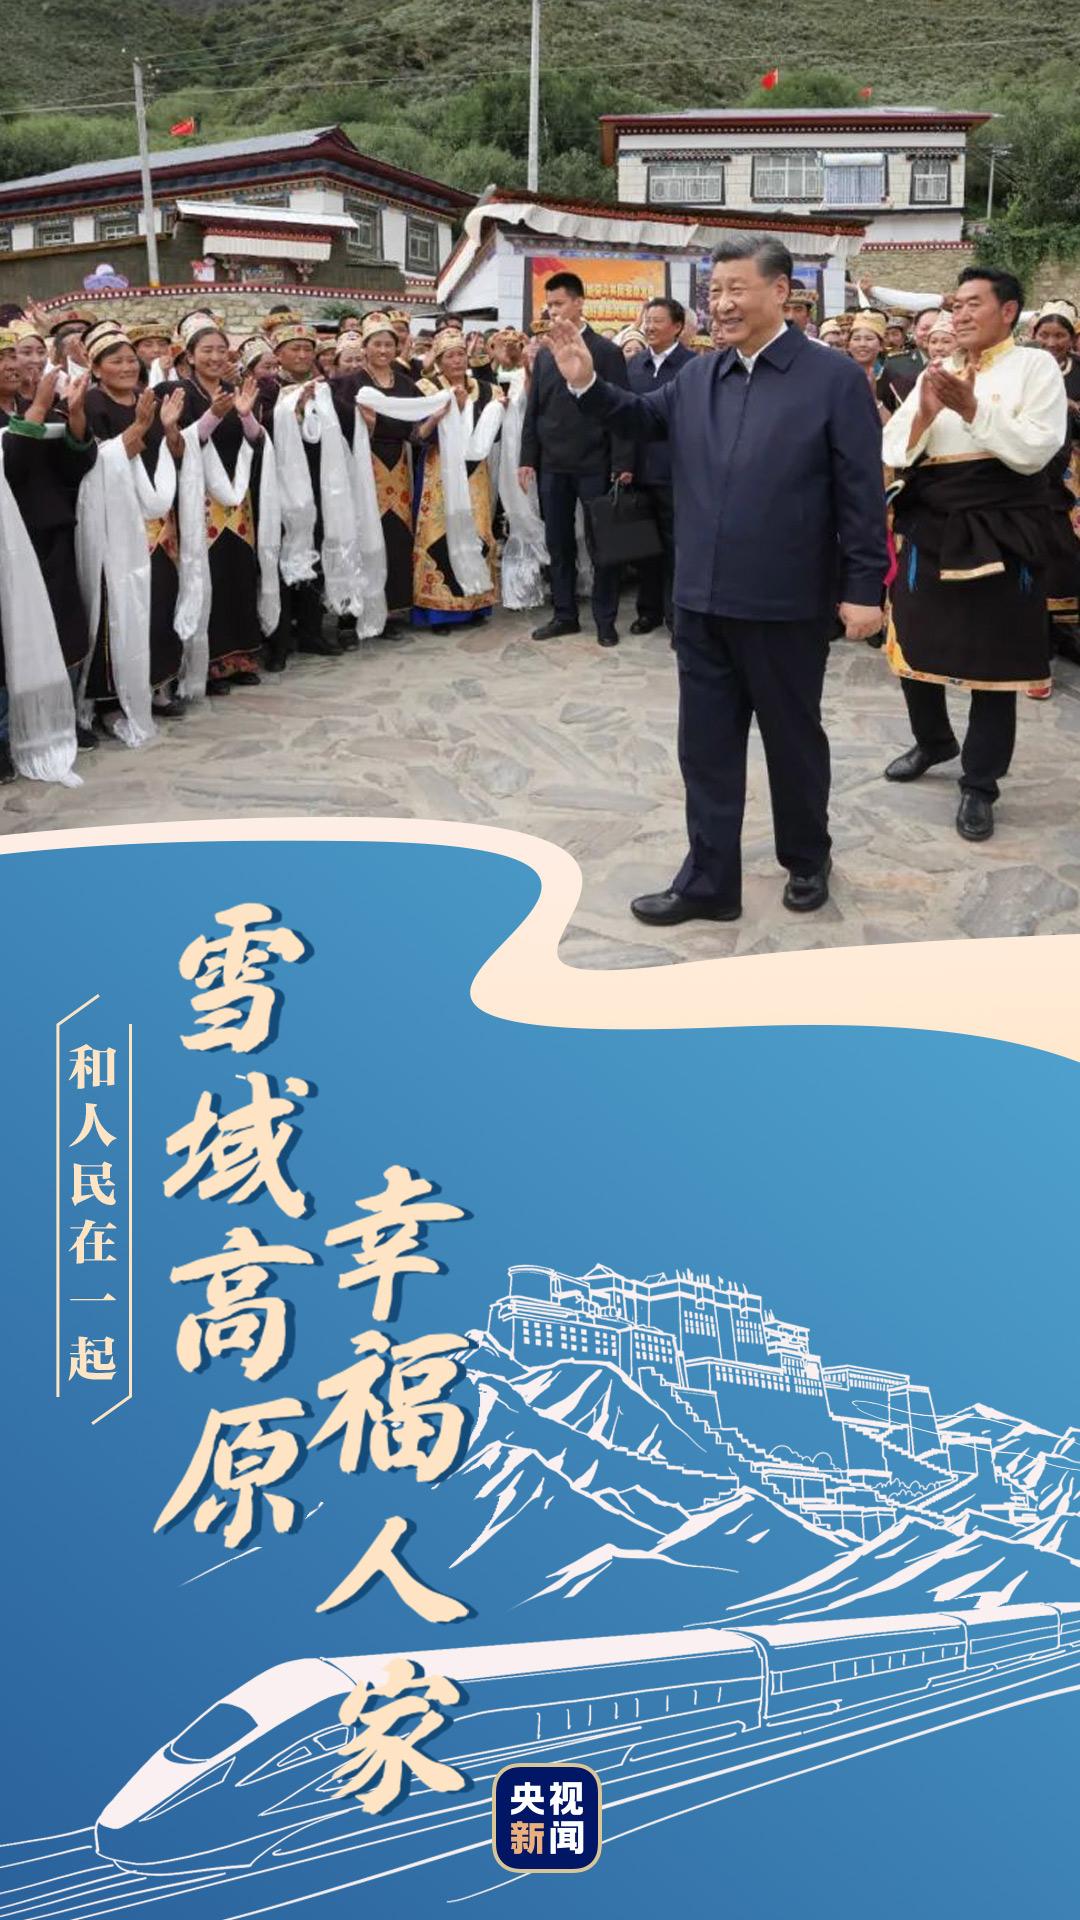 日本三线片线,和人民在一起丨雪域高原幸福人家